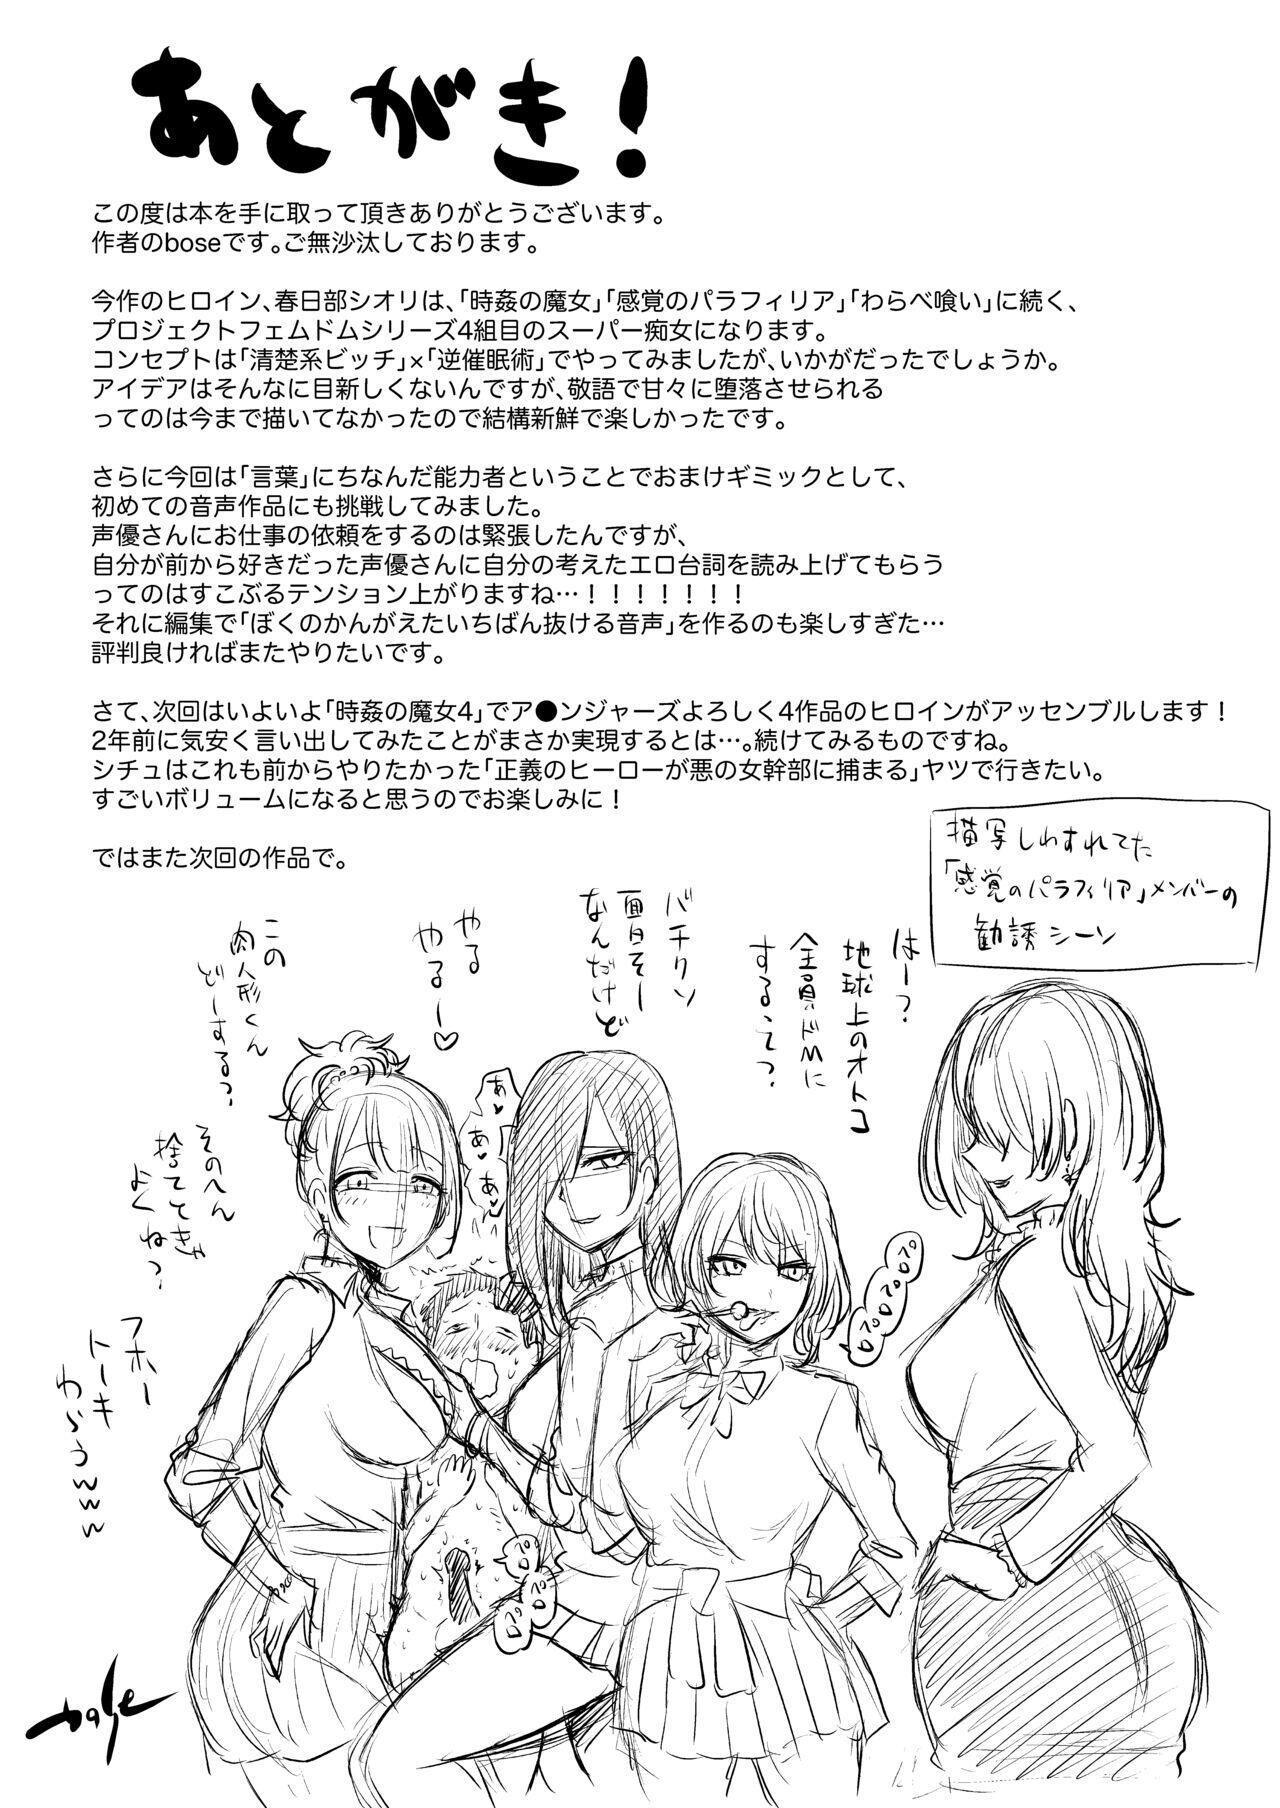 Sasayaki no Inma 37